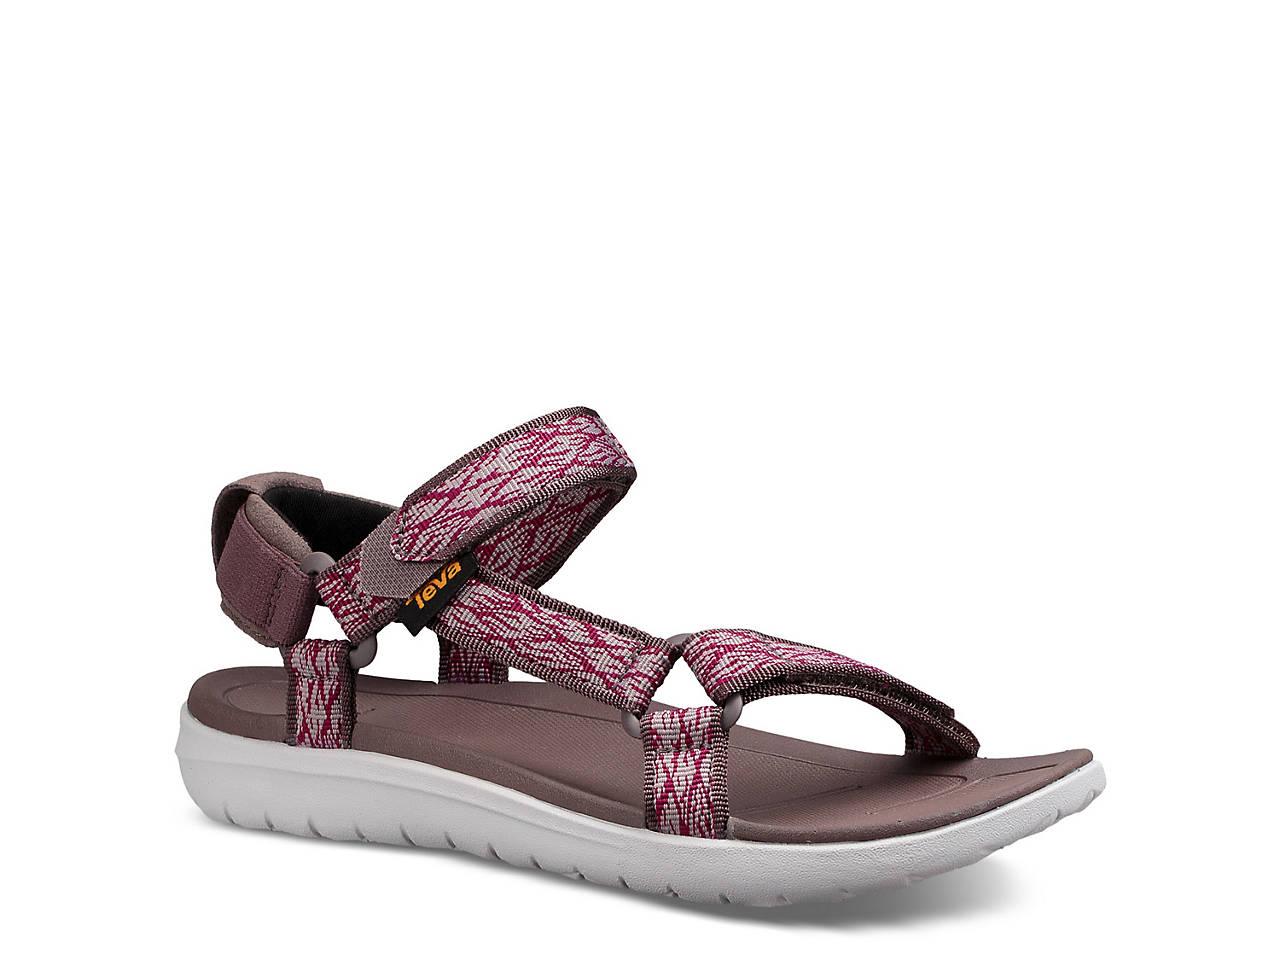 78967e308d73 Teva Sanborn Universal Sport Sandal Women s Shoes